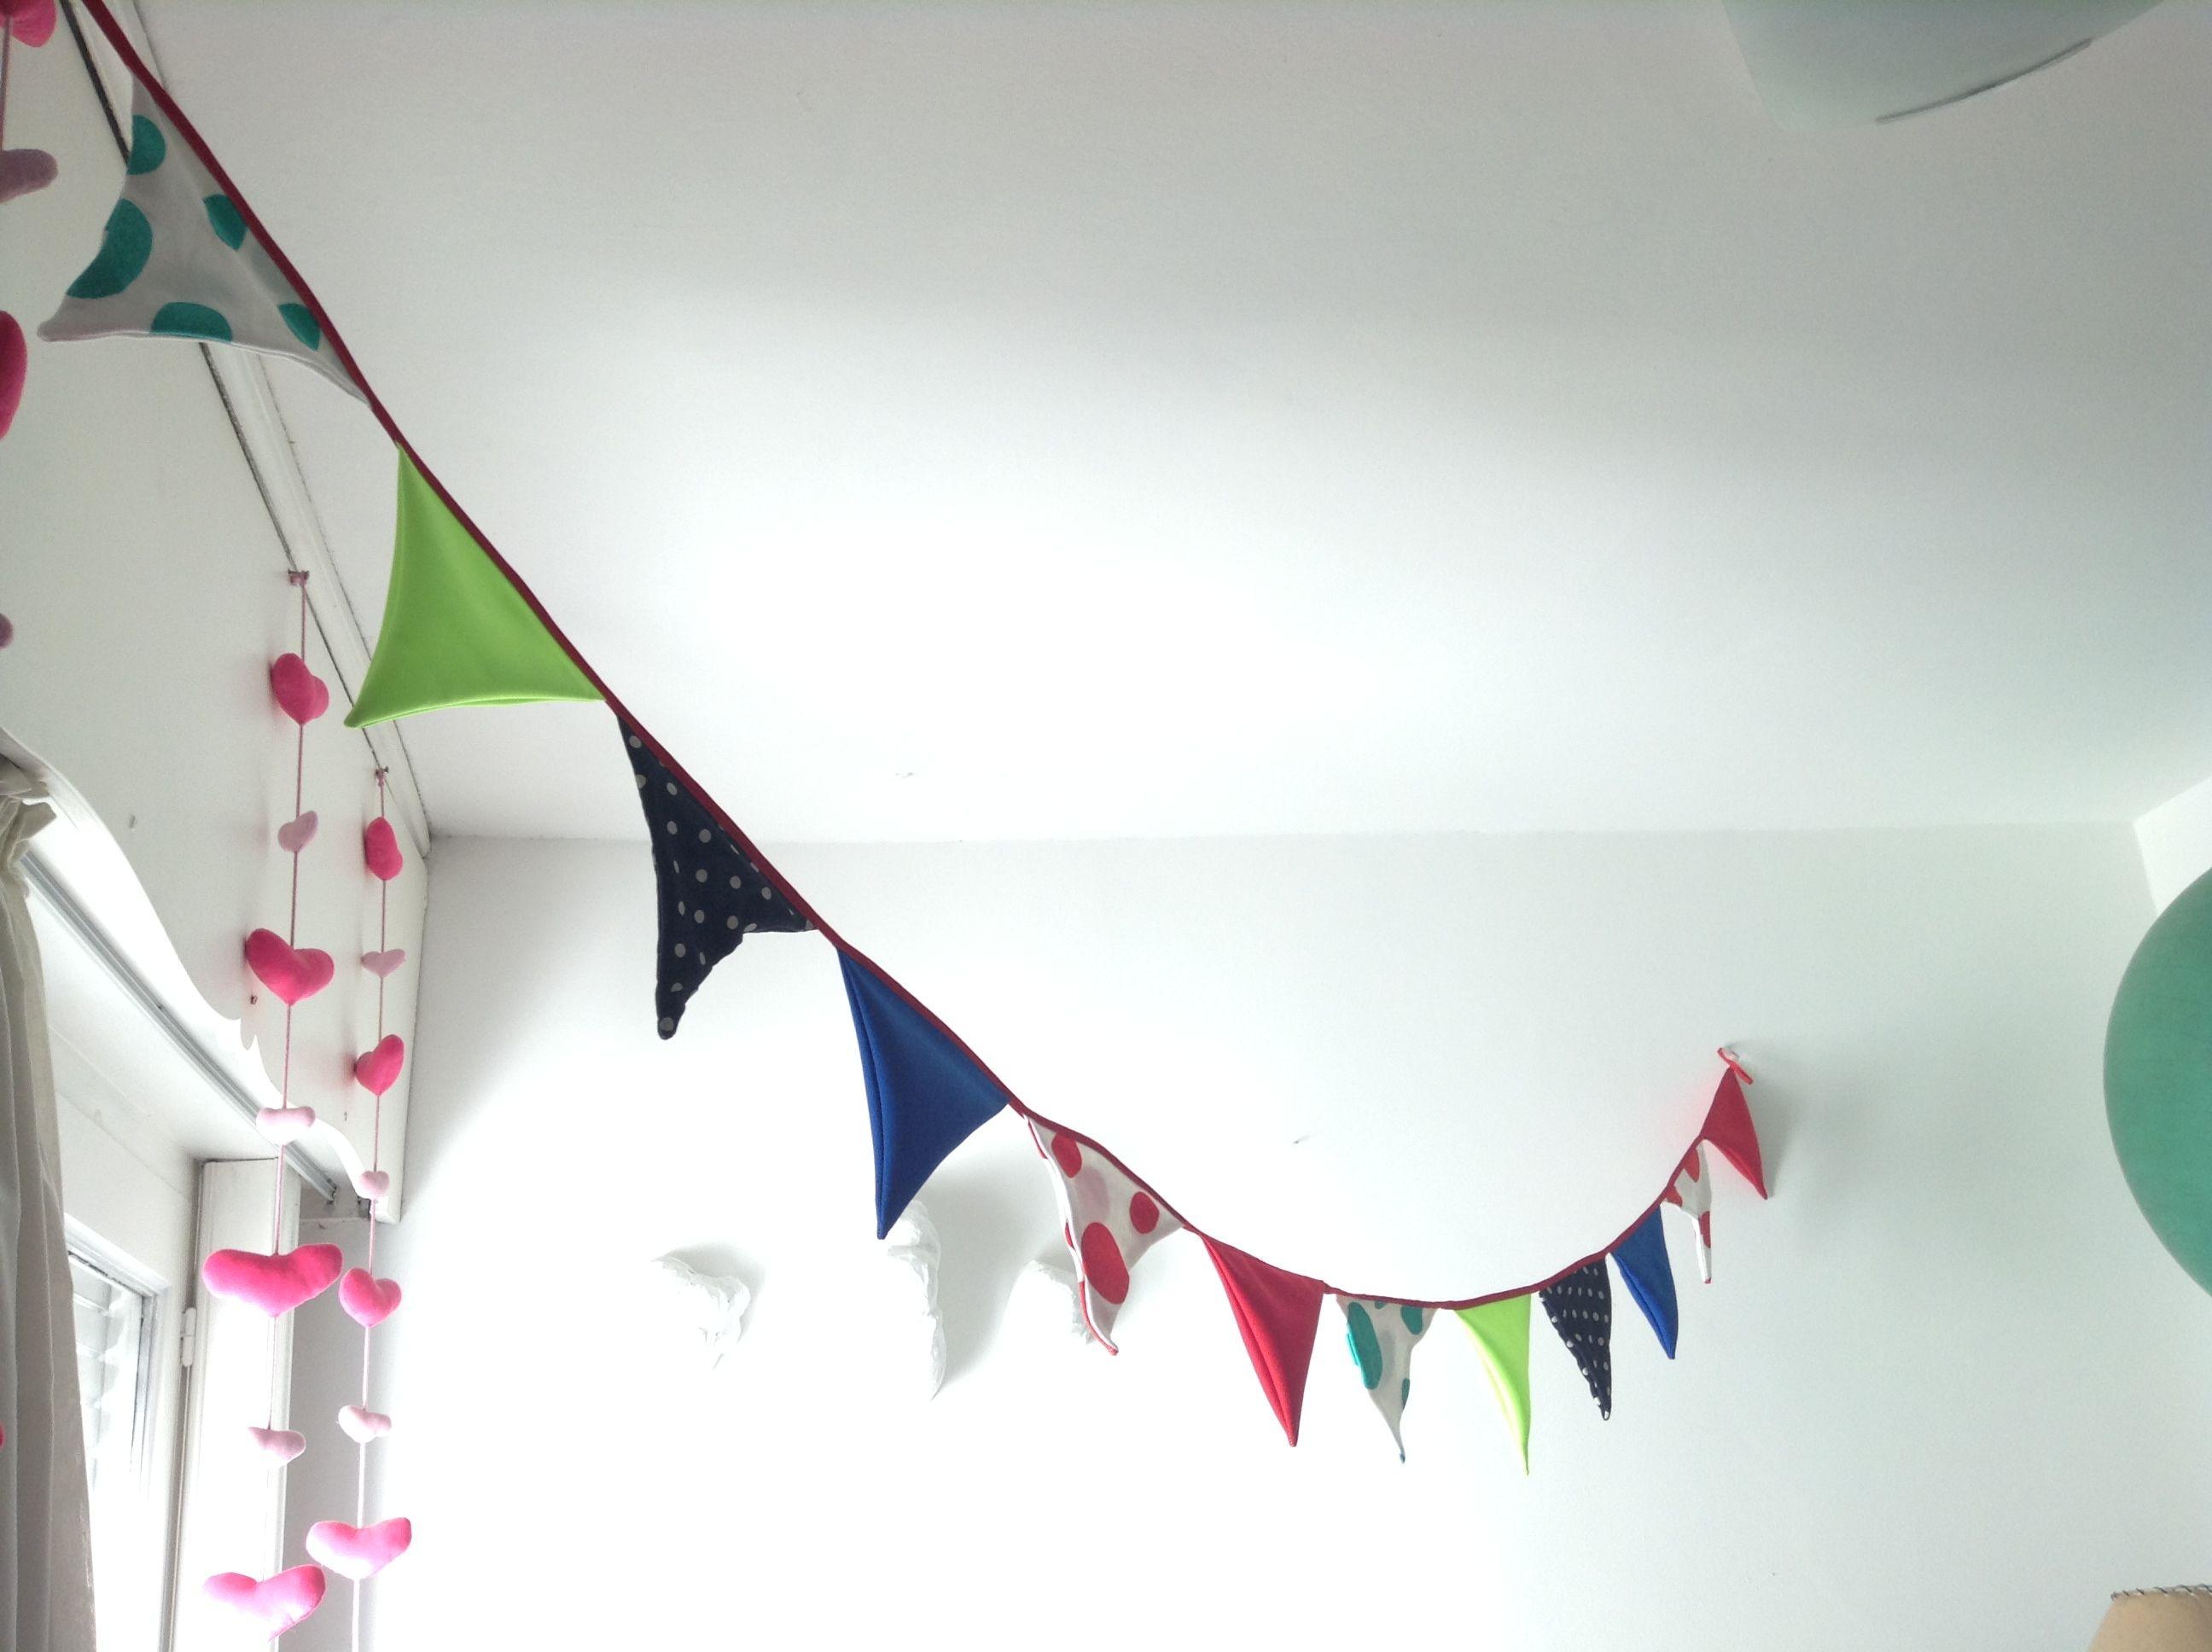 Banderines para cumples y eventos, muy coloridos!